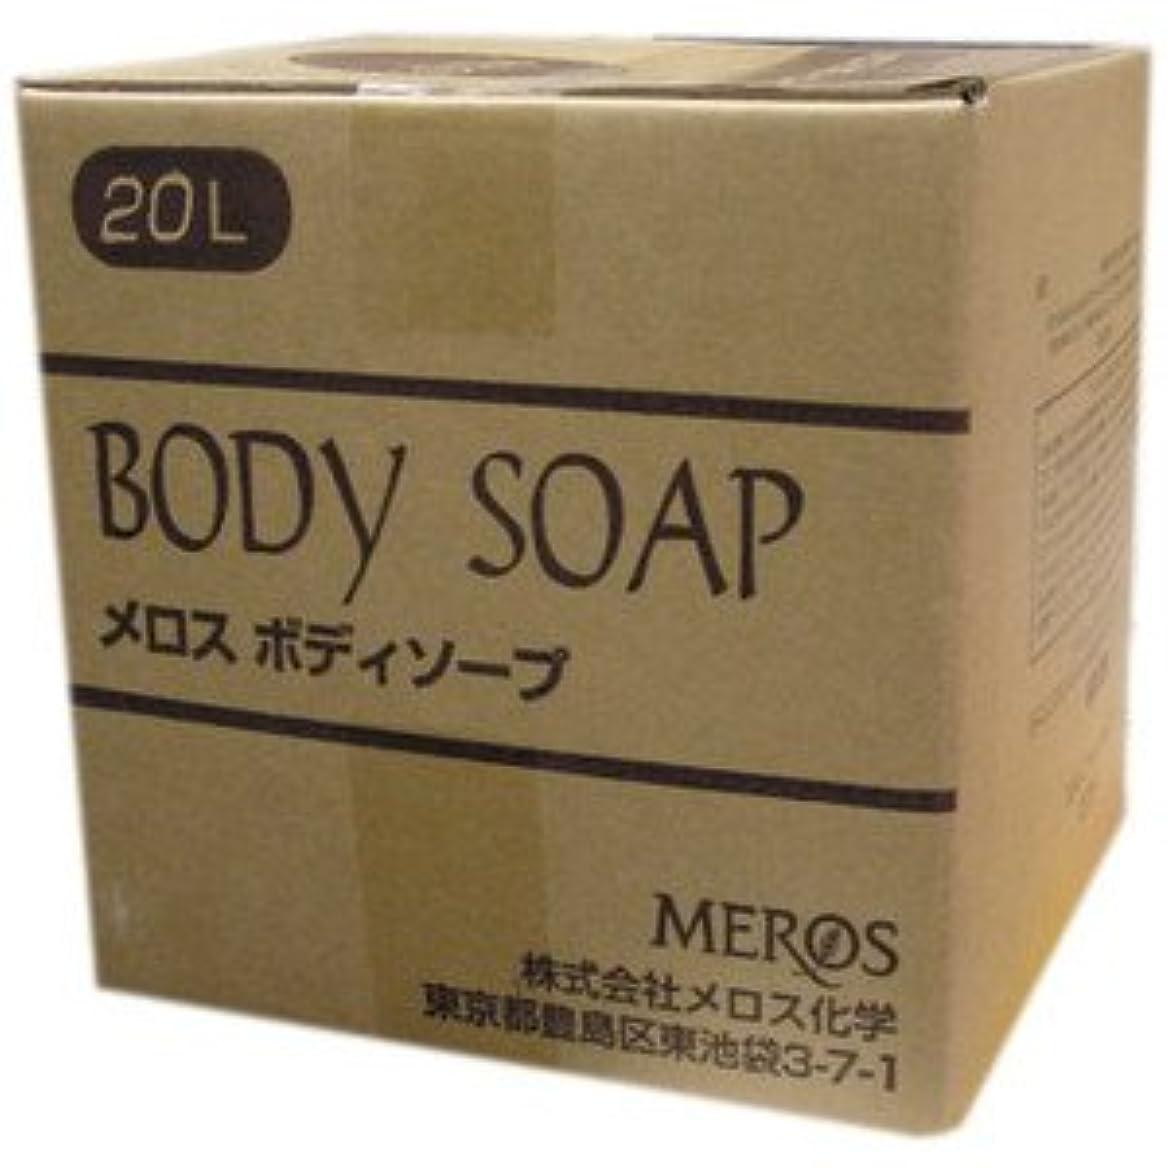 購入ほうきモンゴメリーメロス ボディソープ 業務用 20L / 詰め替え (メロス化学) 業務用ボディソープ